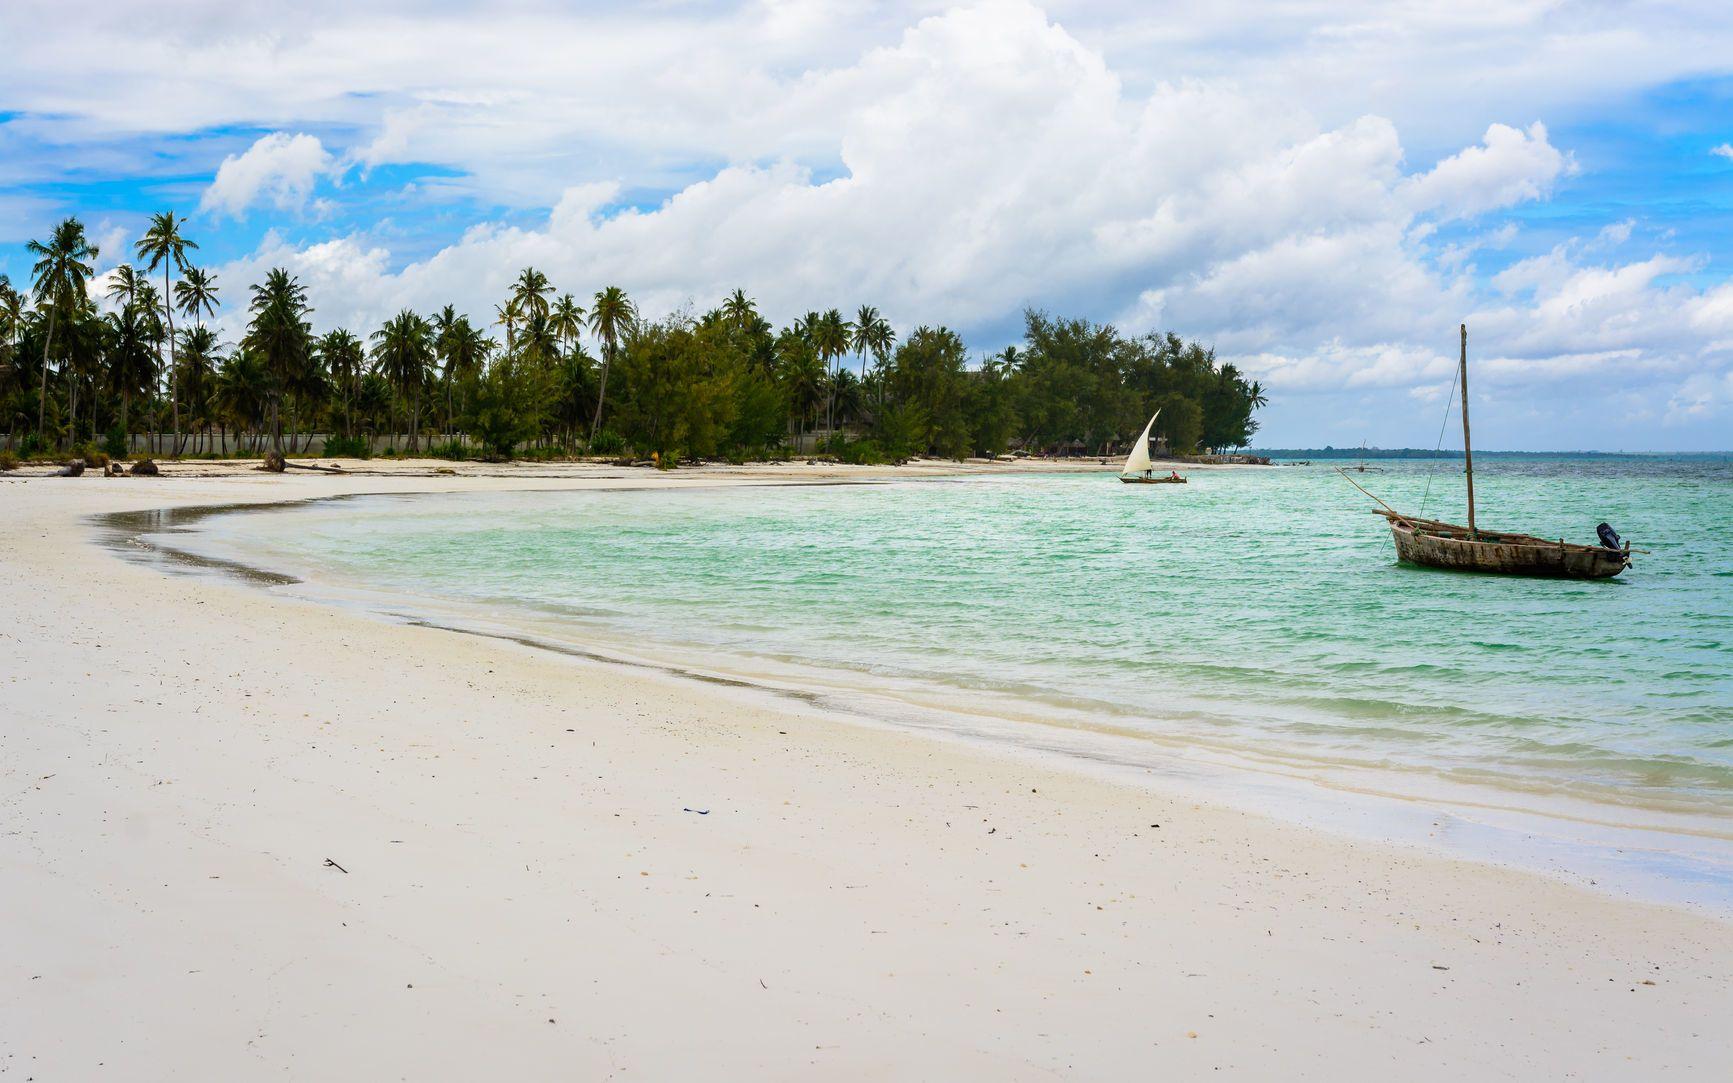 Pláž na Zanzibaru | robik70/123RF.com